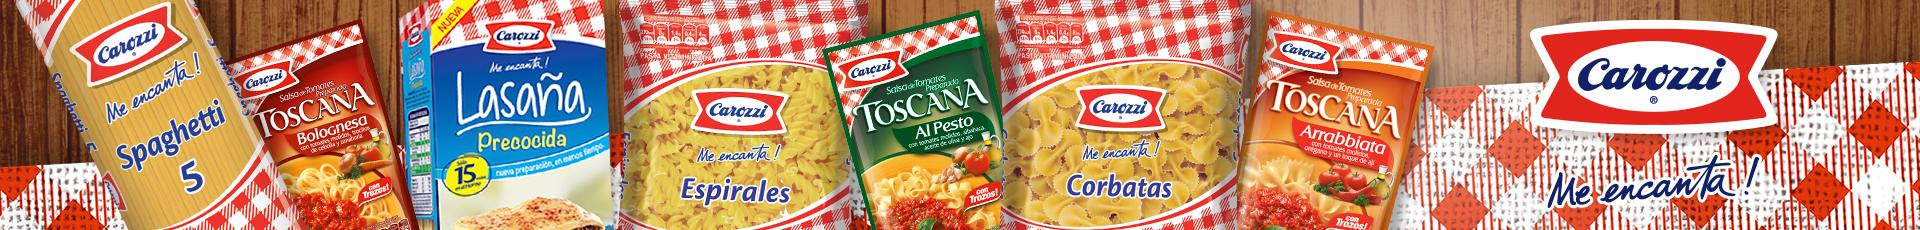 /productos?q=carozzi?utm_source=web&utm_medium=banner%20catalogo%20superior&utm_campaign=carozzi